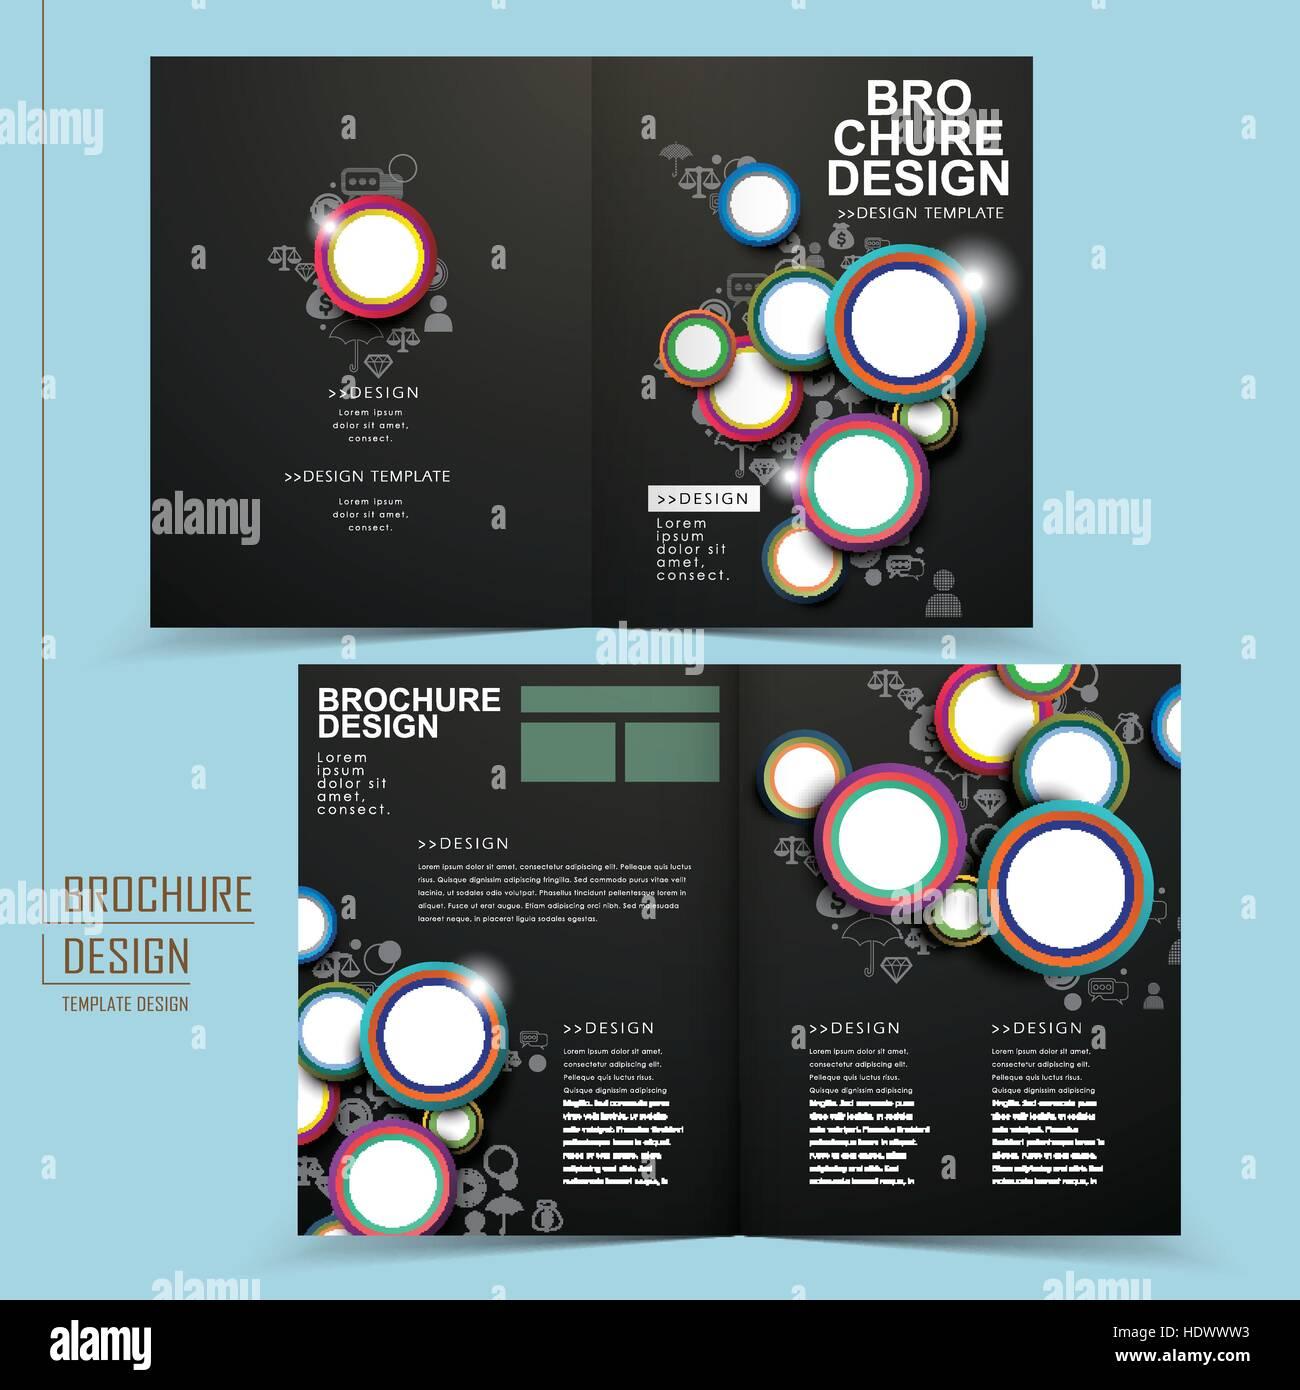 moderne gefaltet Broschüre Vorlage design in schwarz mit Kreis ...